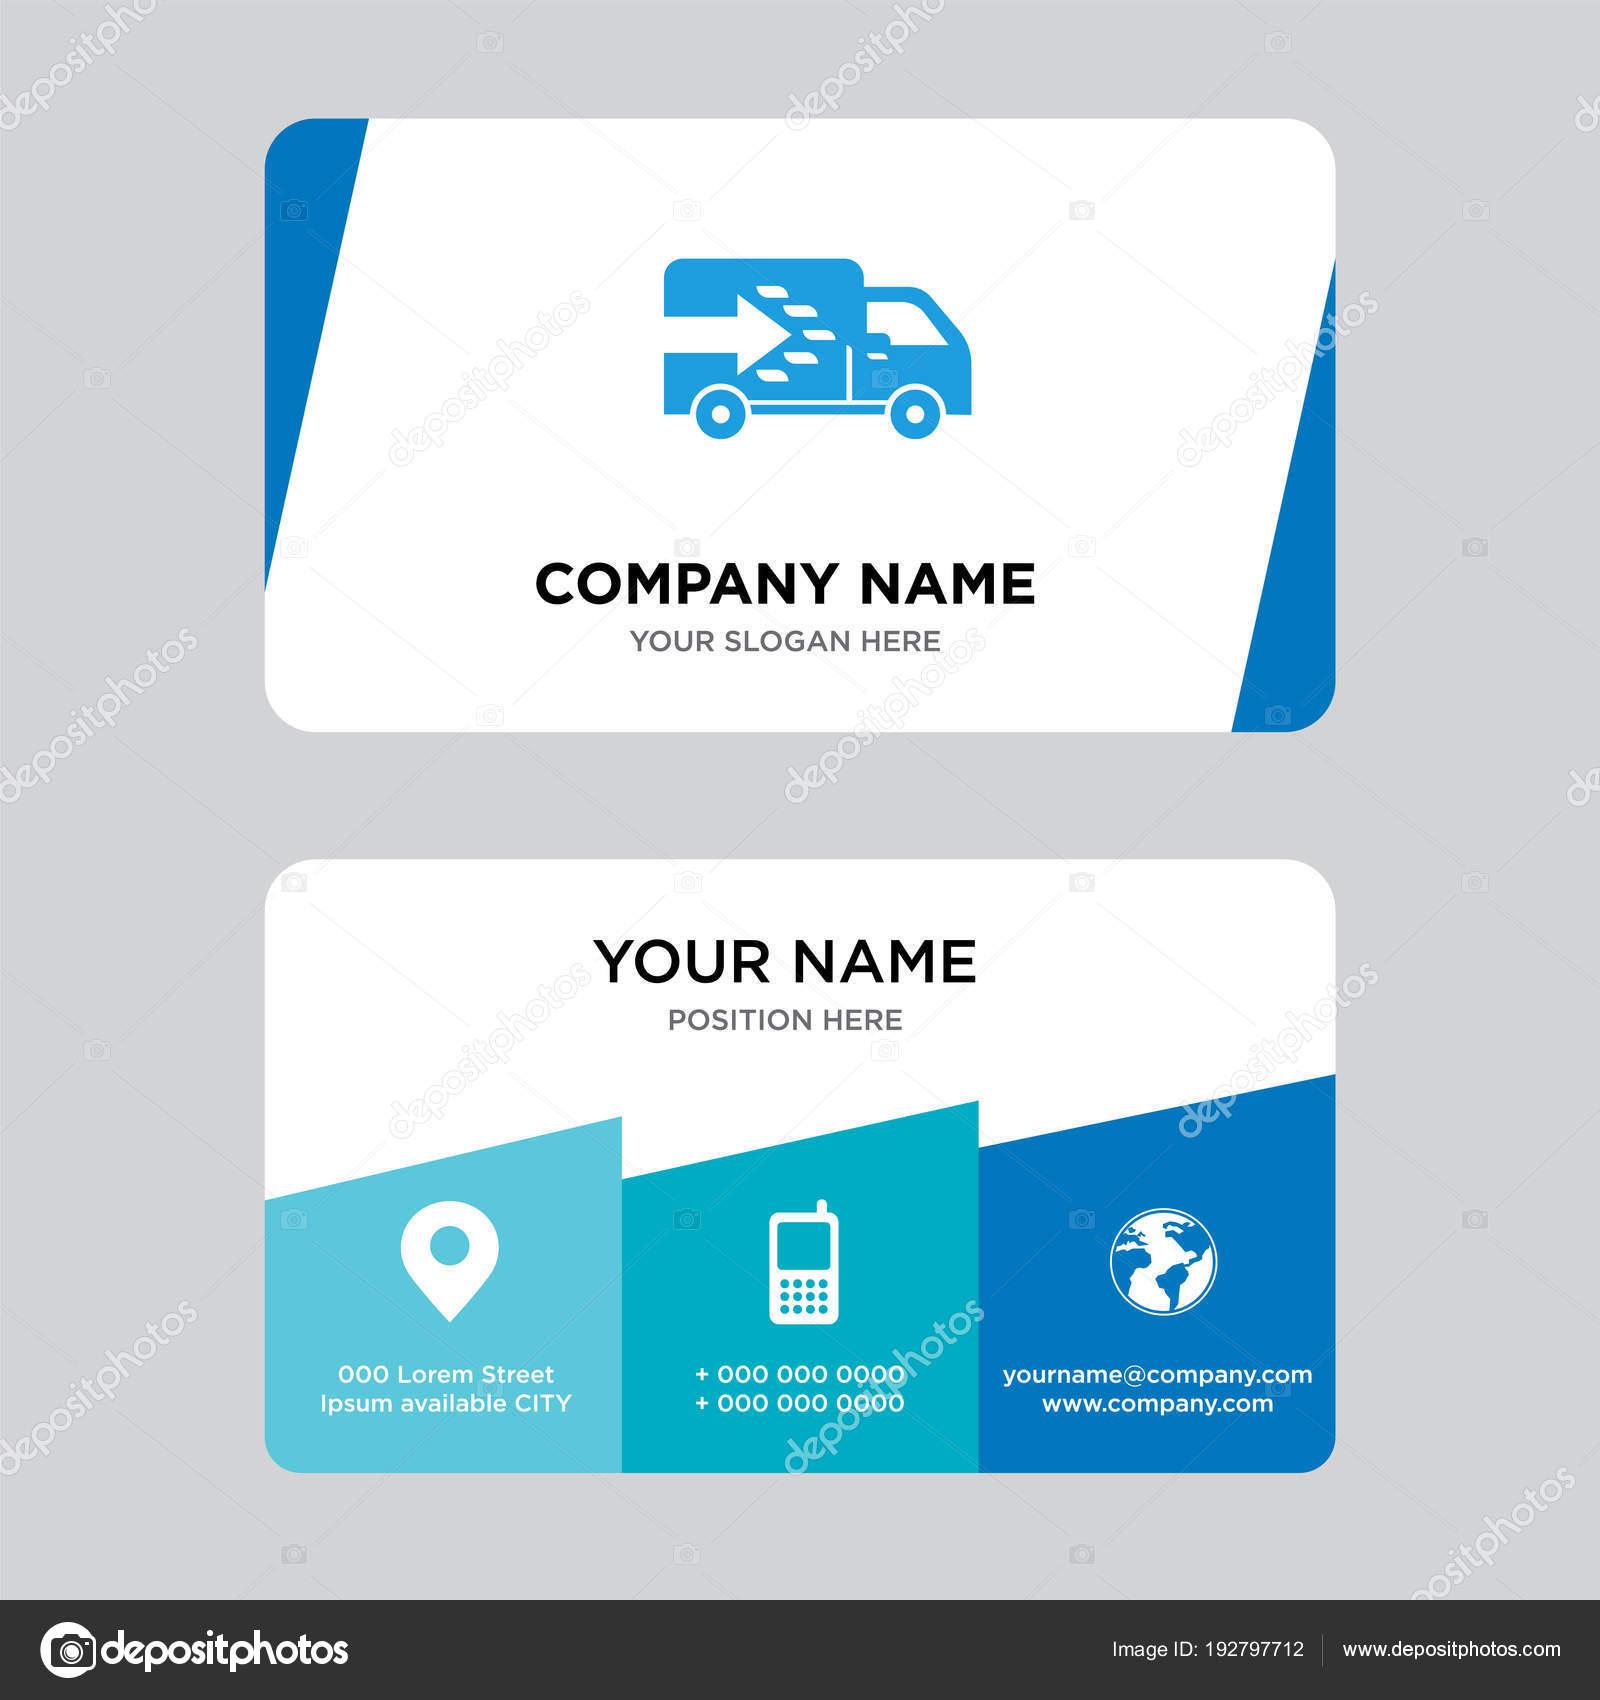 Logistics truck business card design template stock vector logistics truck business card design template stock vector colourmoves